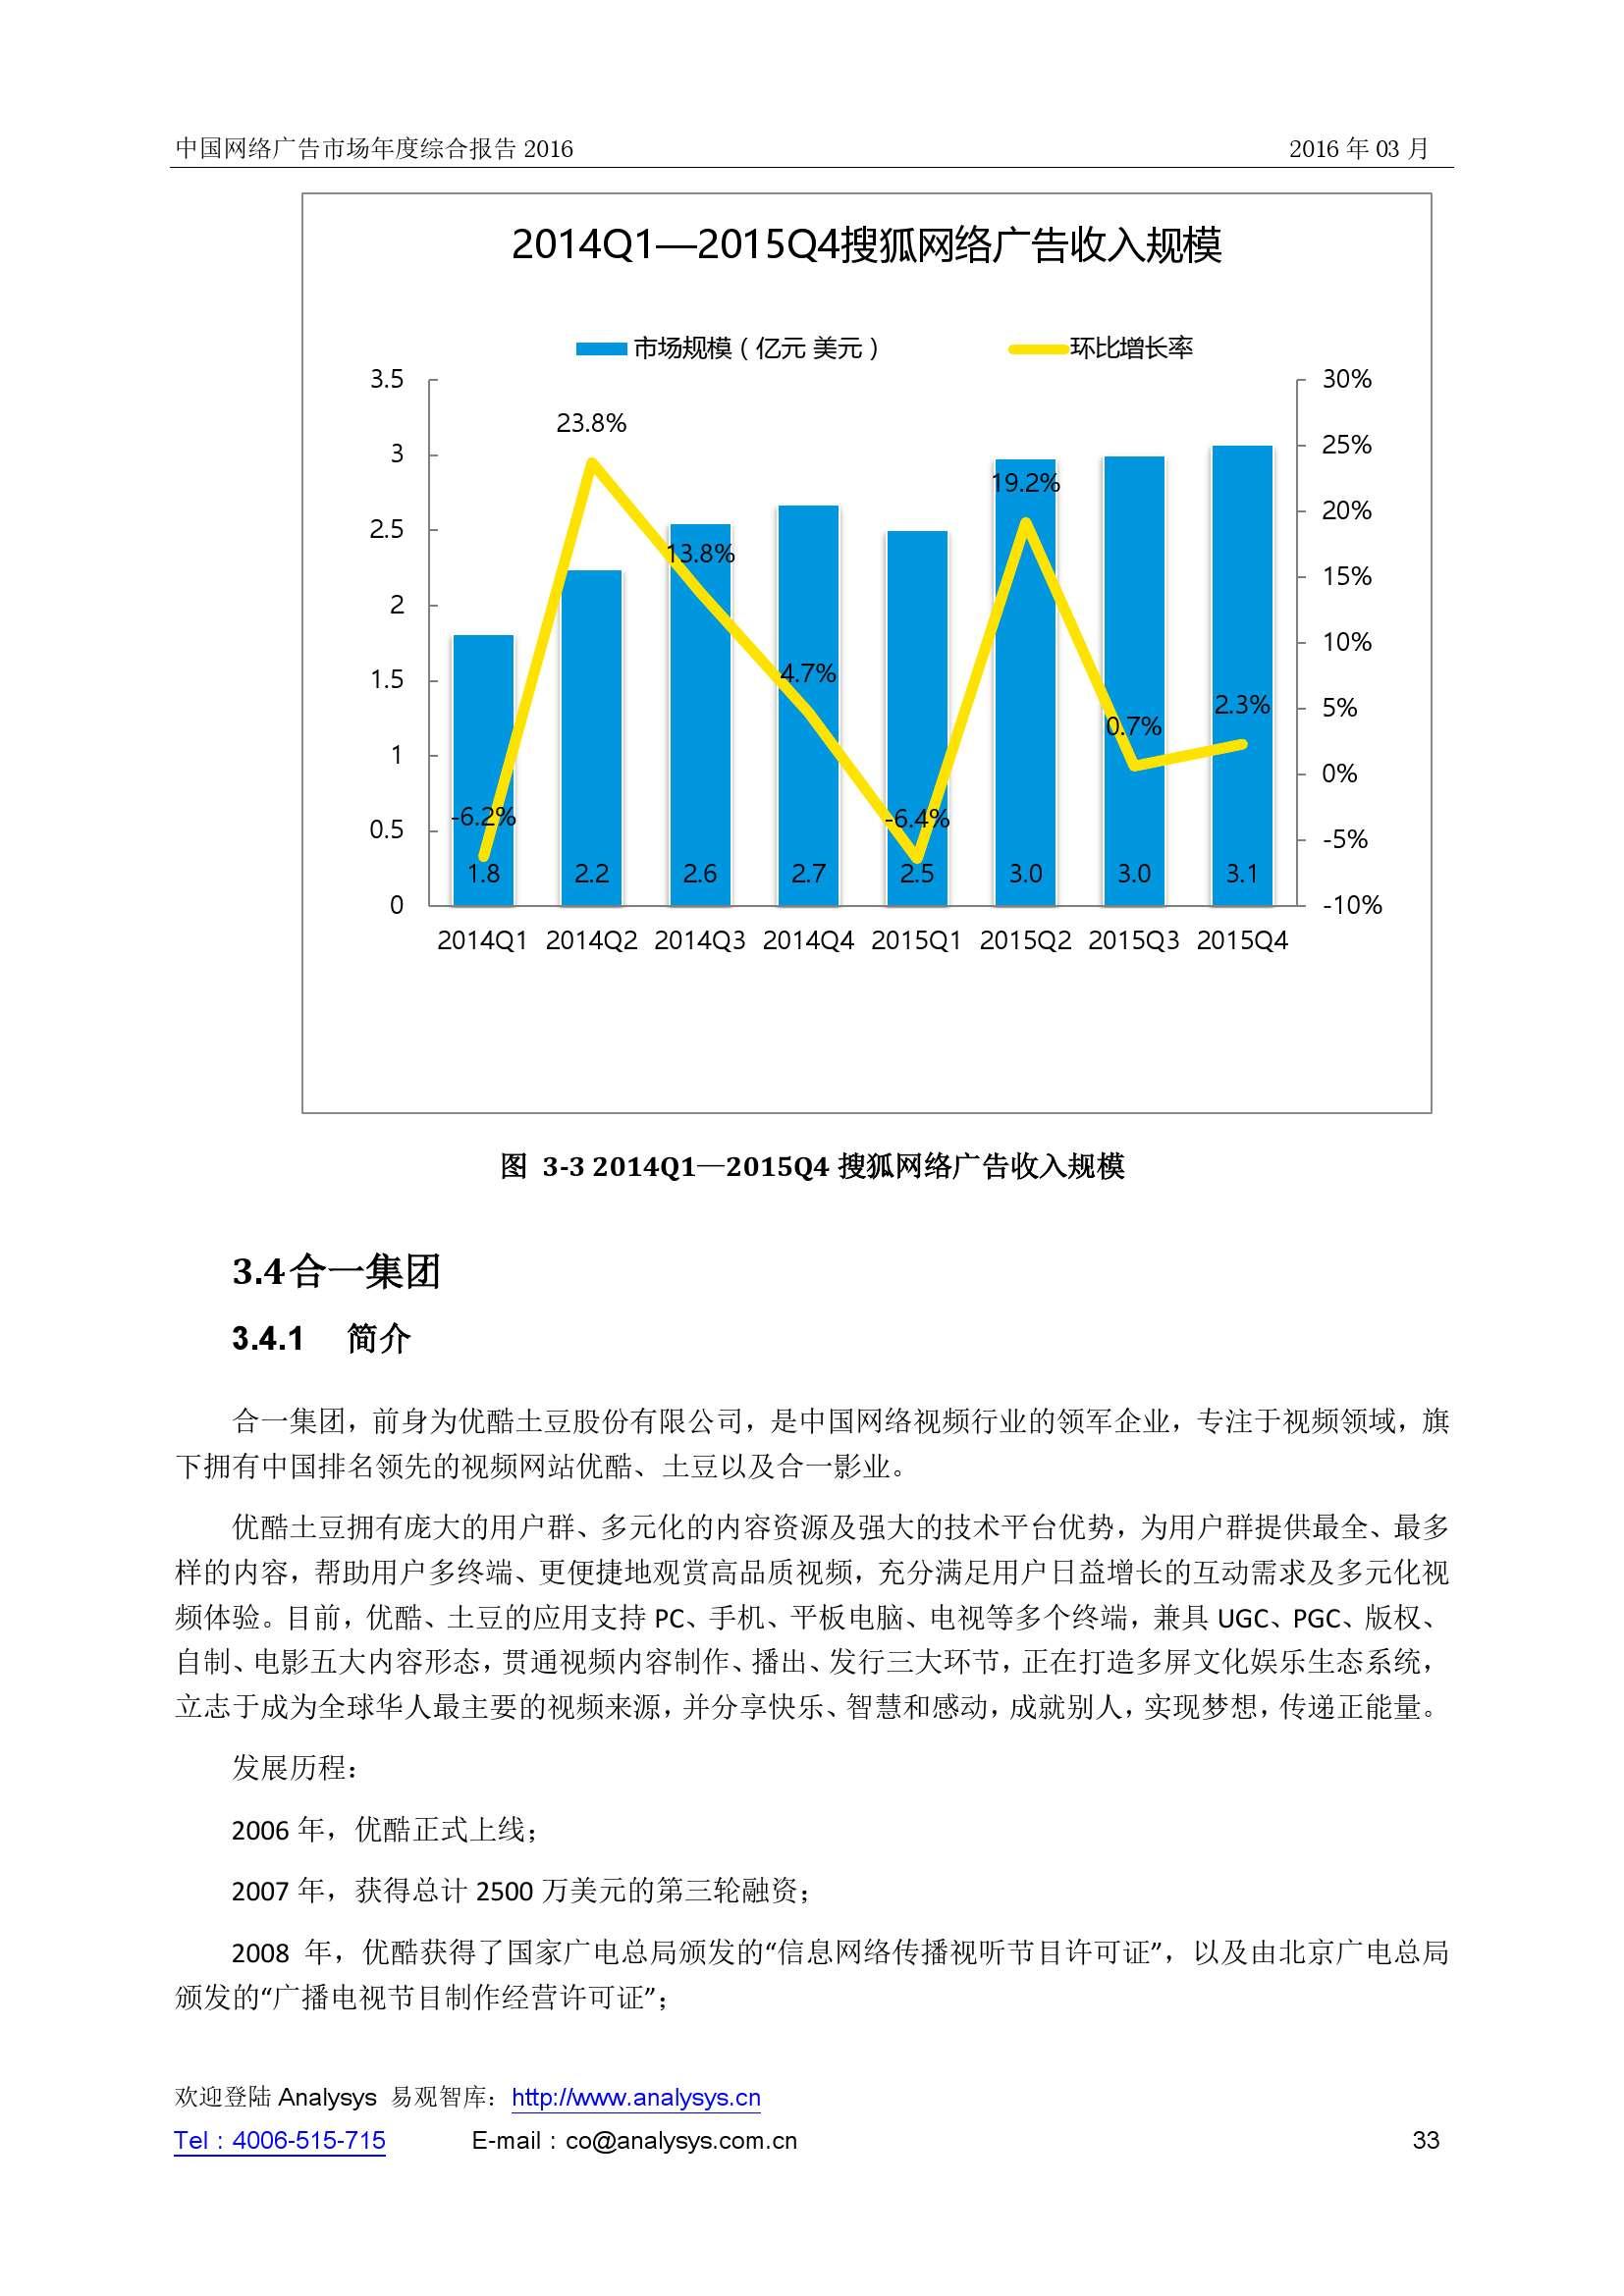 中国网络广告市场年度综合报告2016_000033